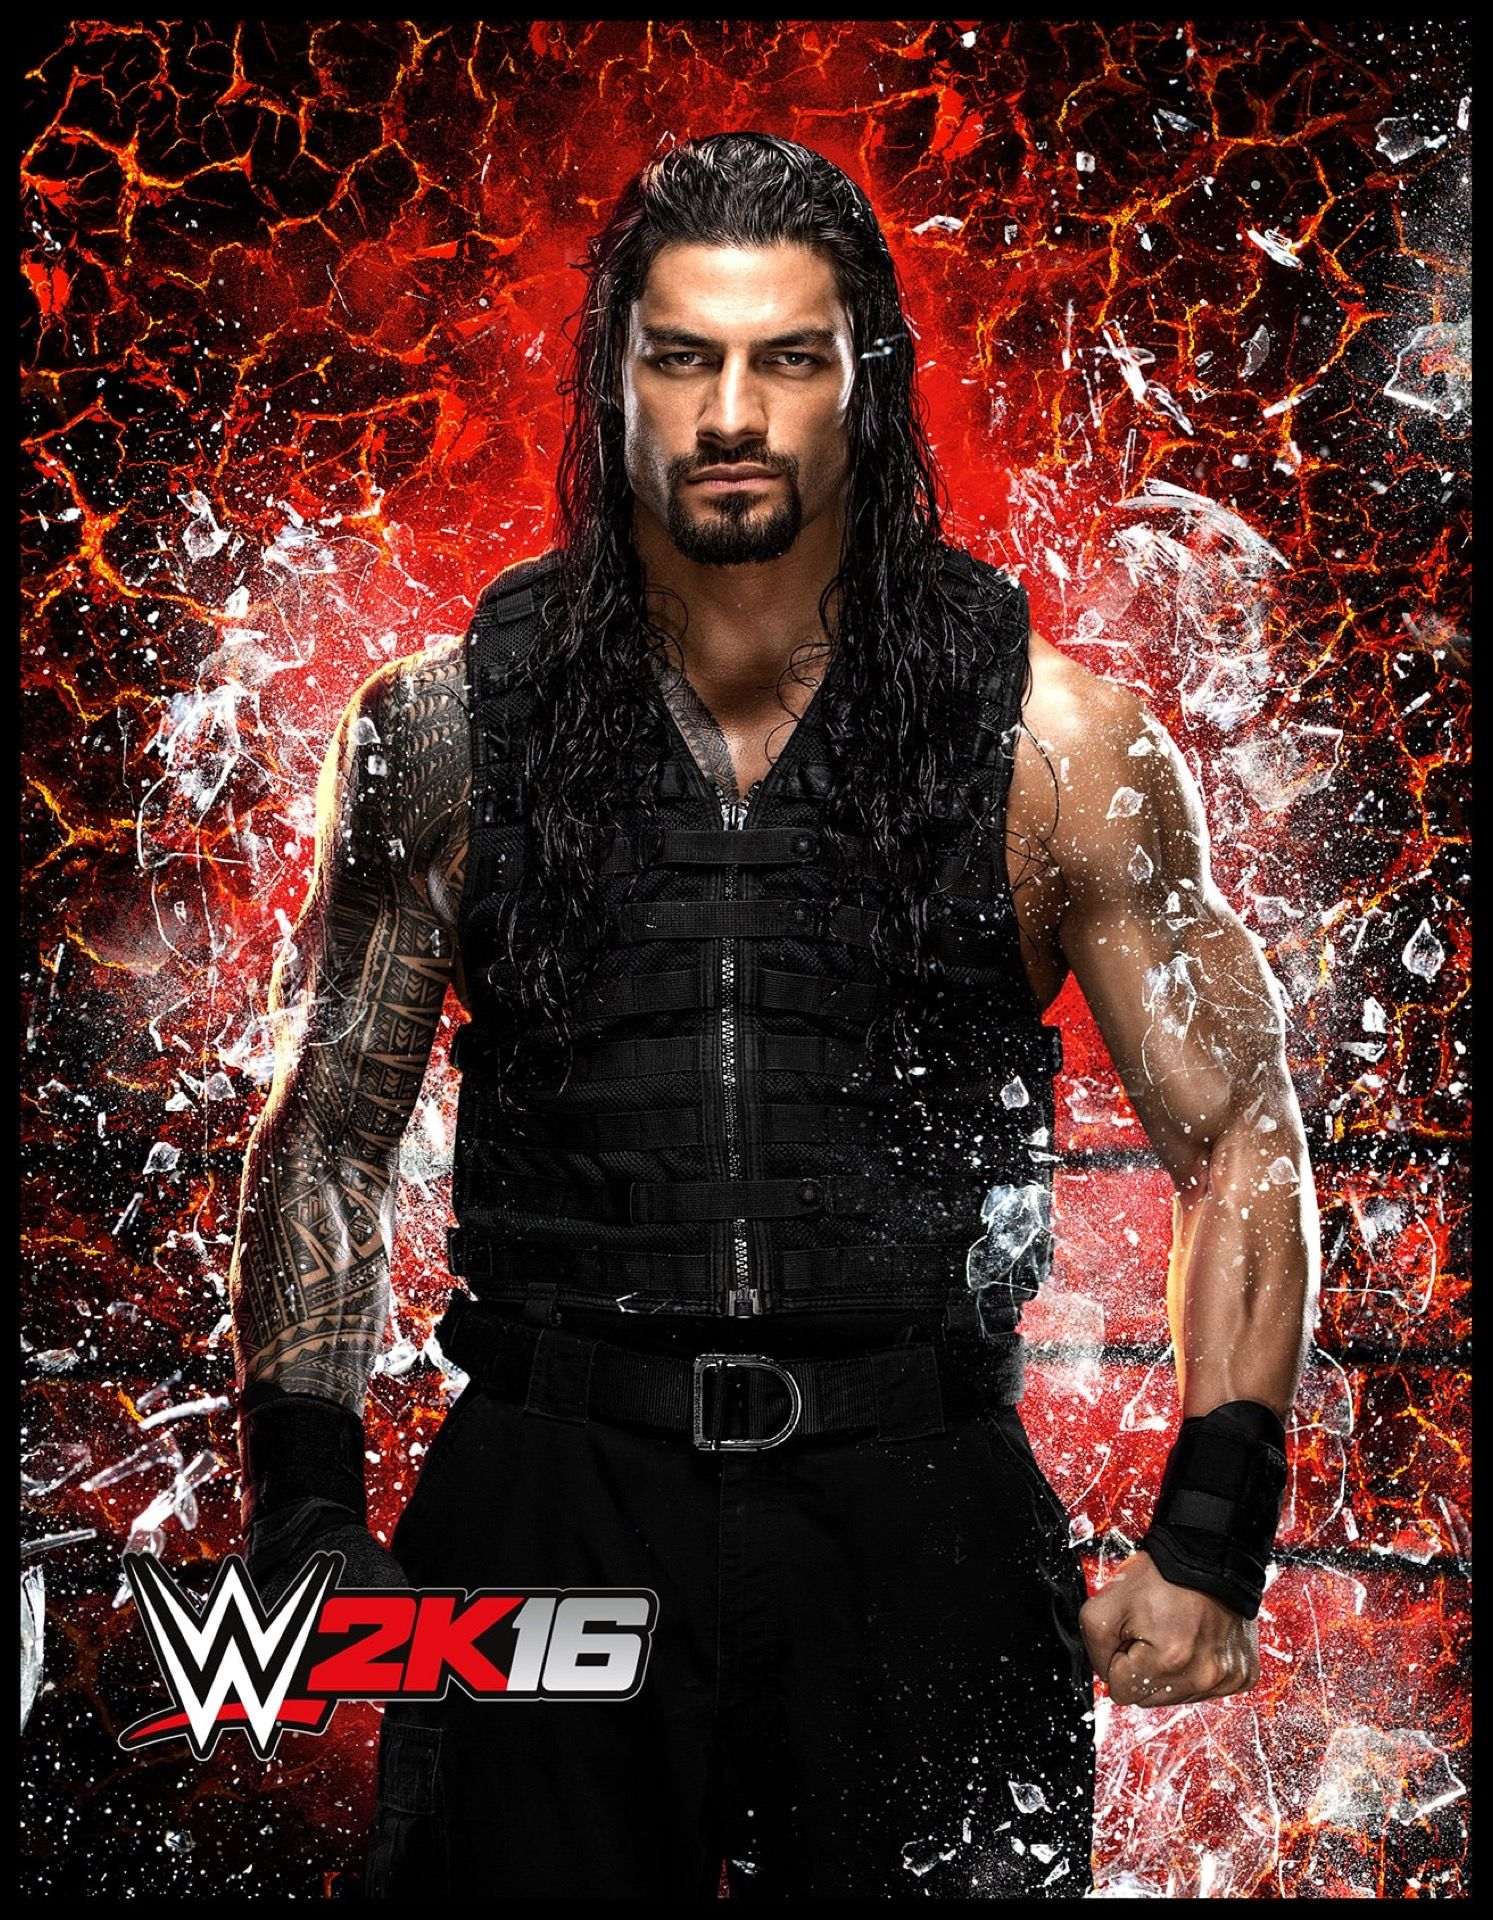 Wwe 2k16 Image Gamespot Wwe Superstar Roman Reigns Wwe Roman Reigns Roman Reigns